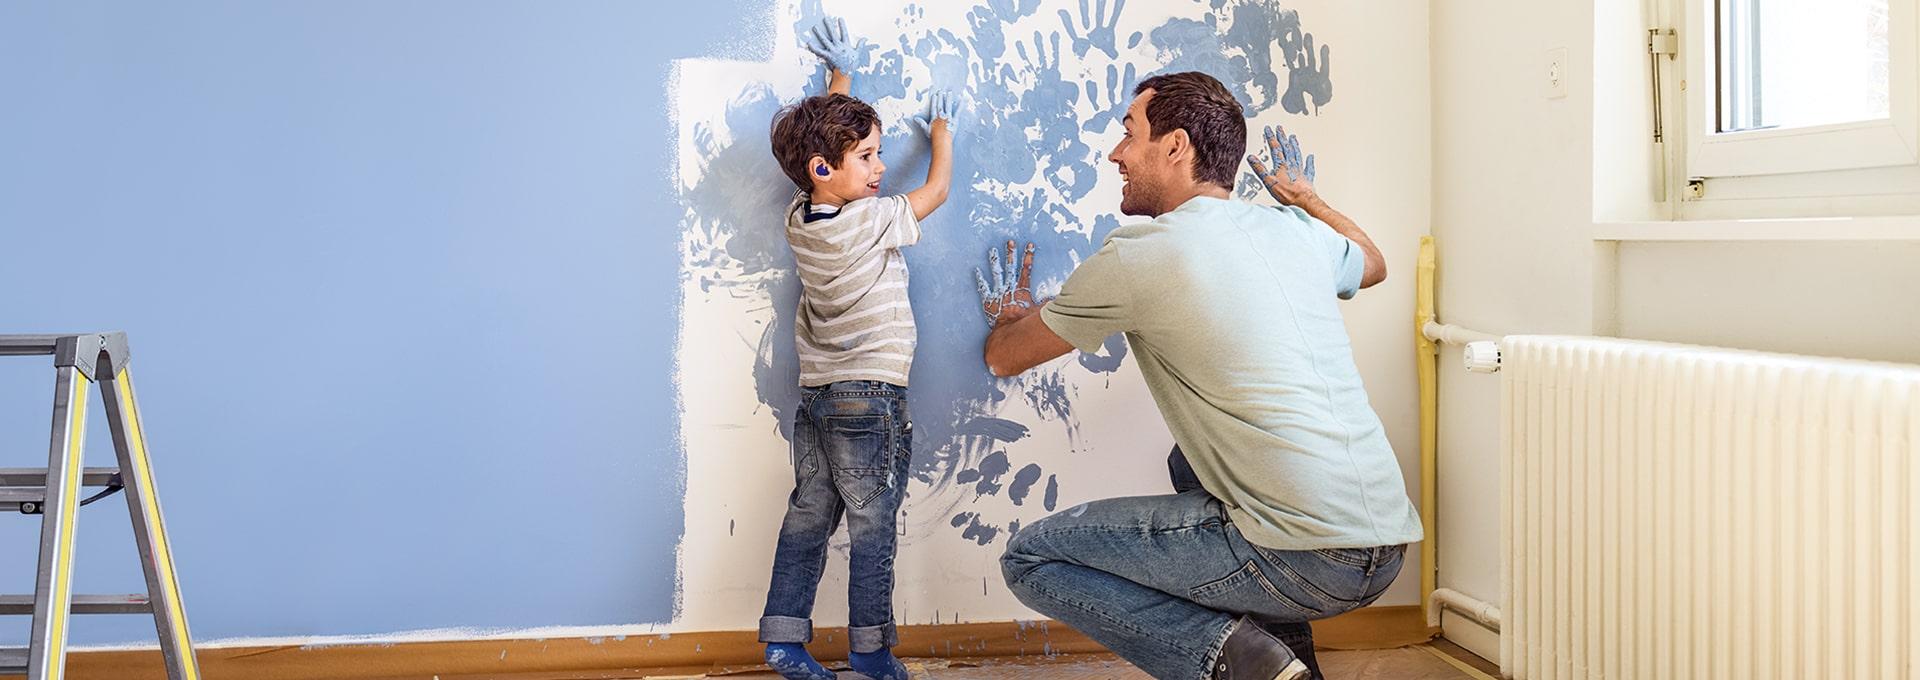 Padre e hijo con los audífonos Bernafon Leox Super Power   Ultra Power pintando una pared y agregando de forma diferente huellas de manos.